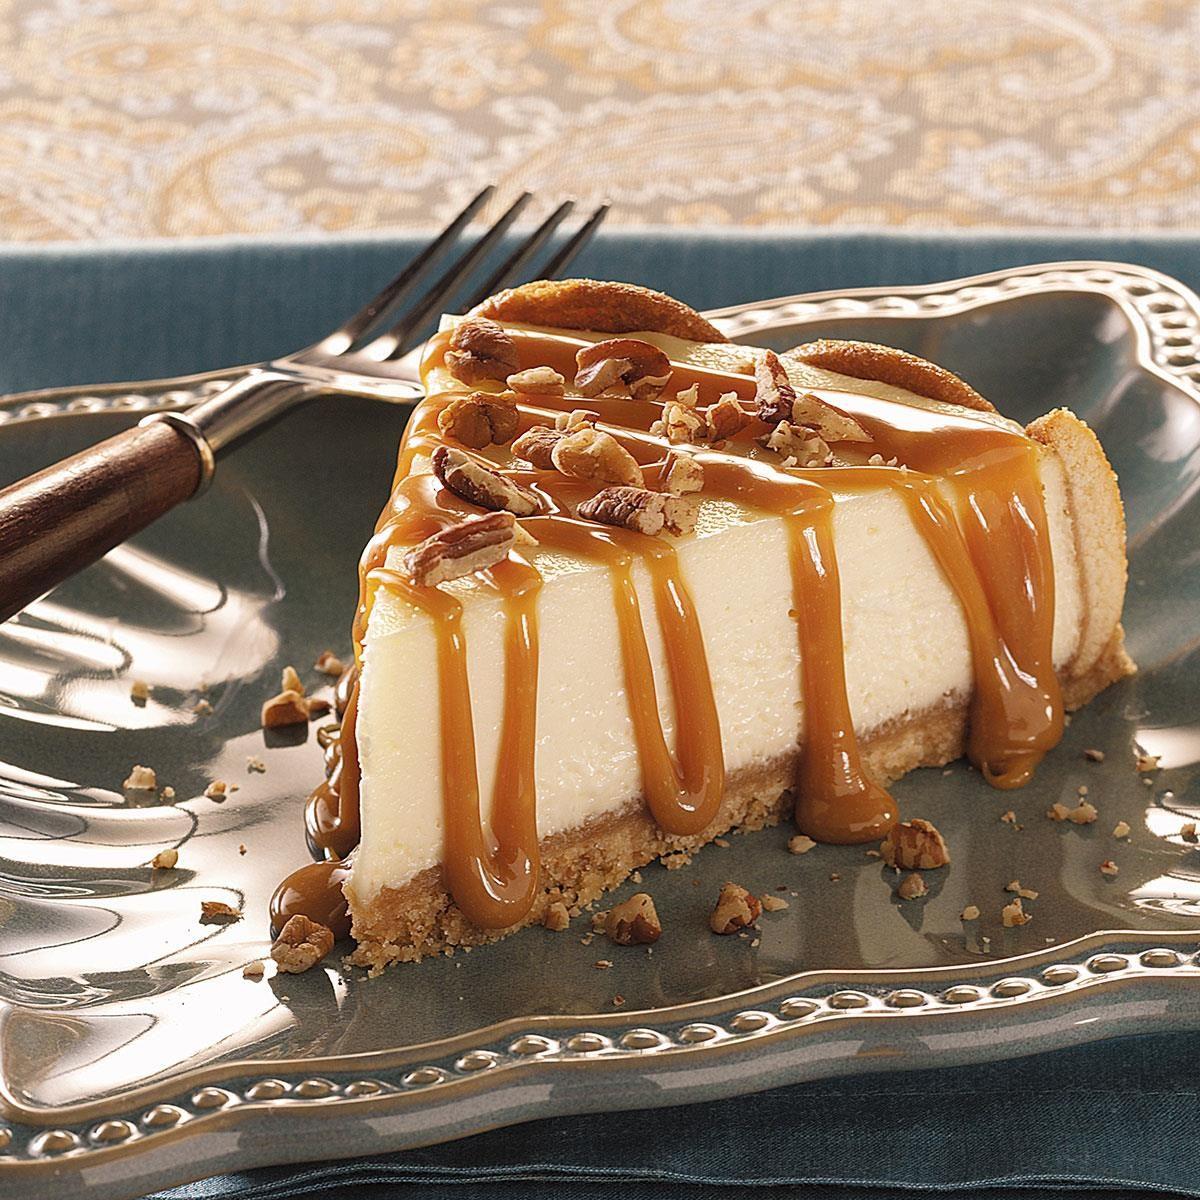 Caramel Praline-Topped Cheesecake Recipe